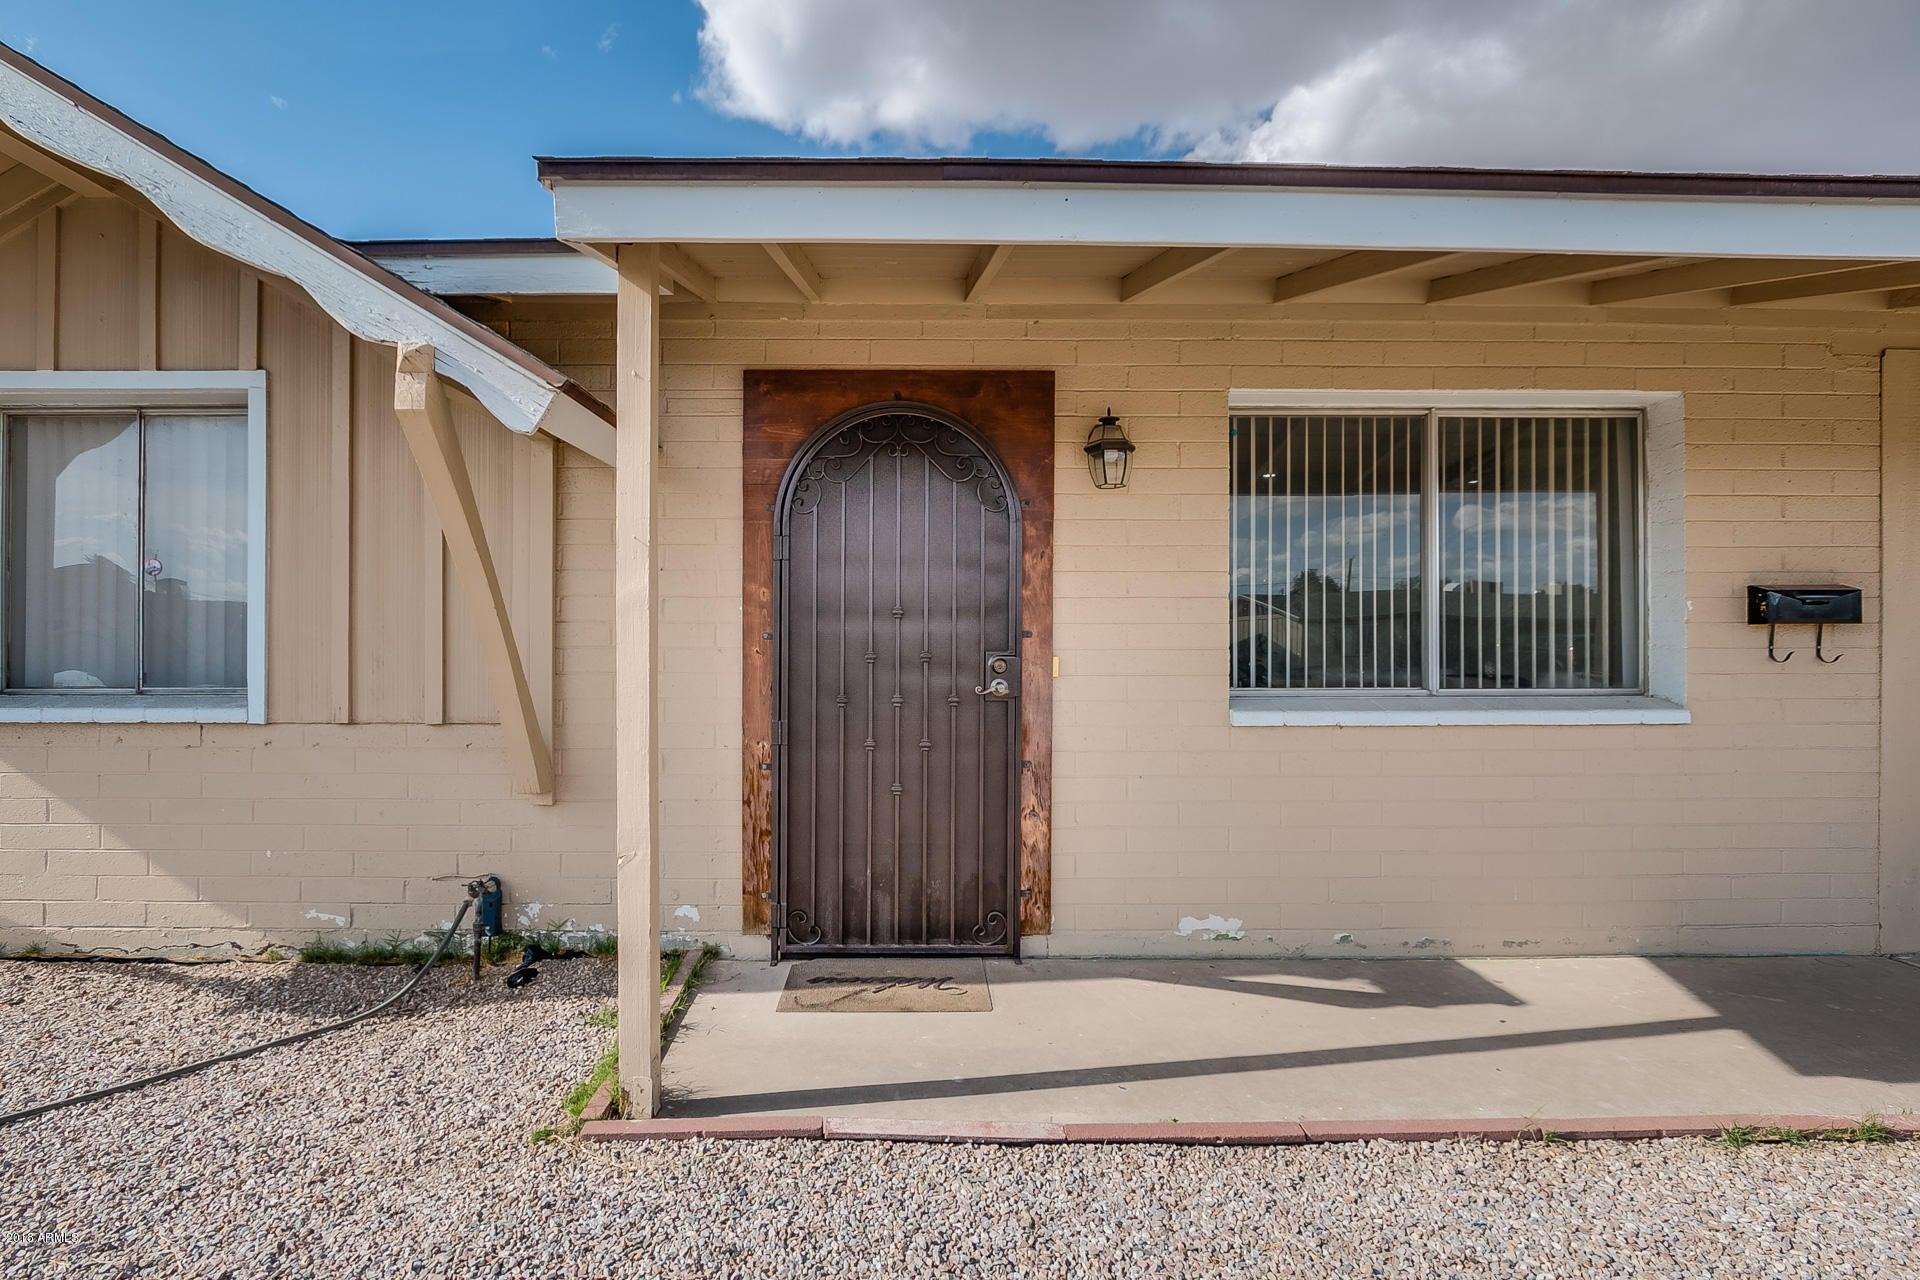 MLS 5738330 2202 W POINSETTIA Drive, Phoenix, AZ 85029 Phoenix AZ Valley Vista